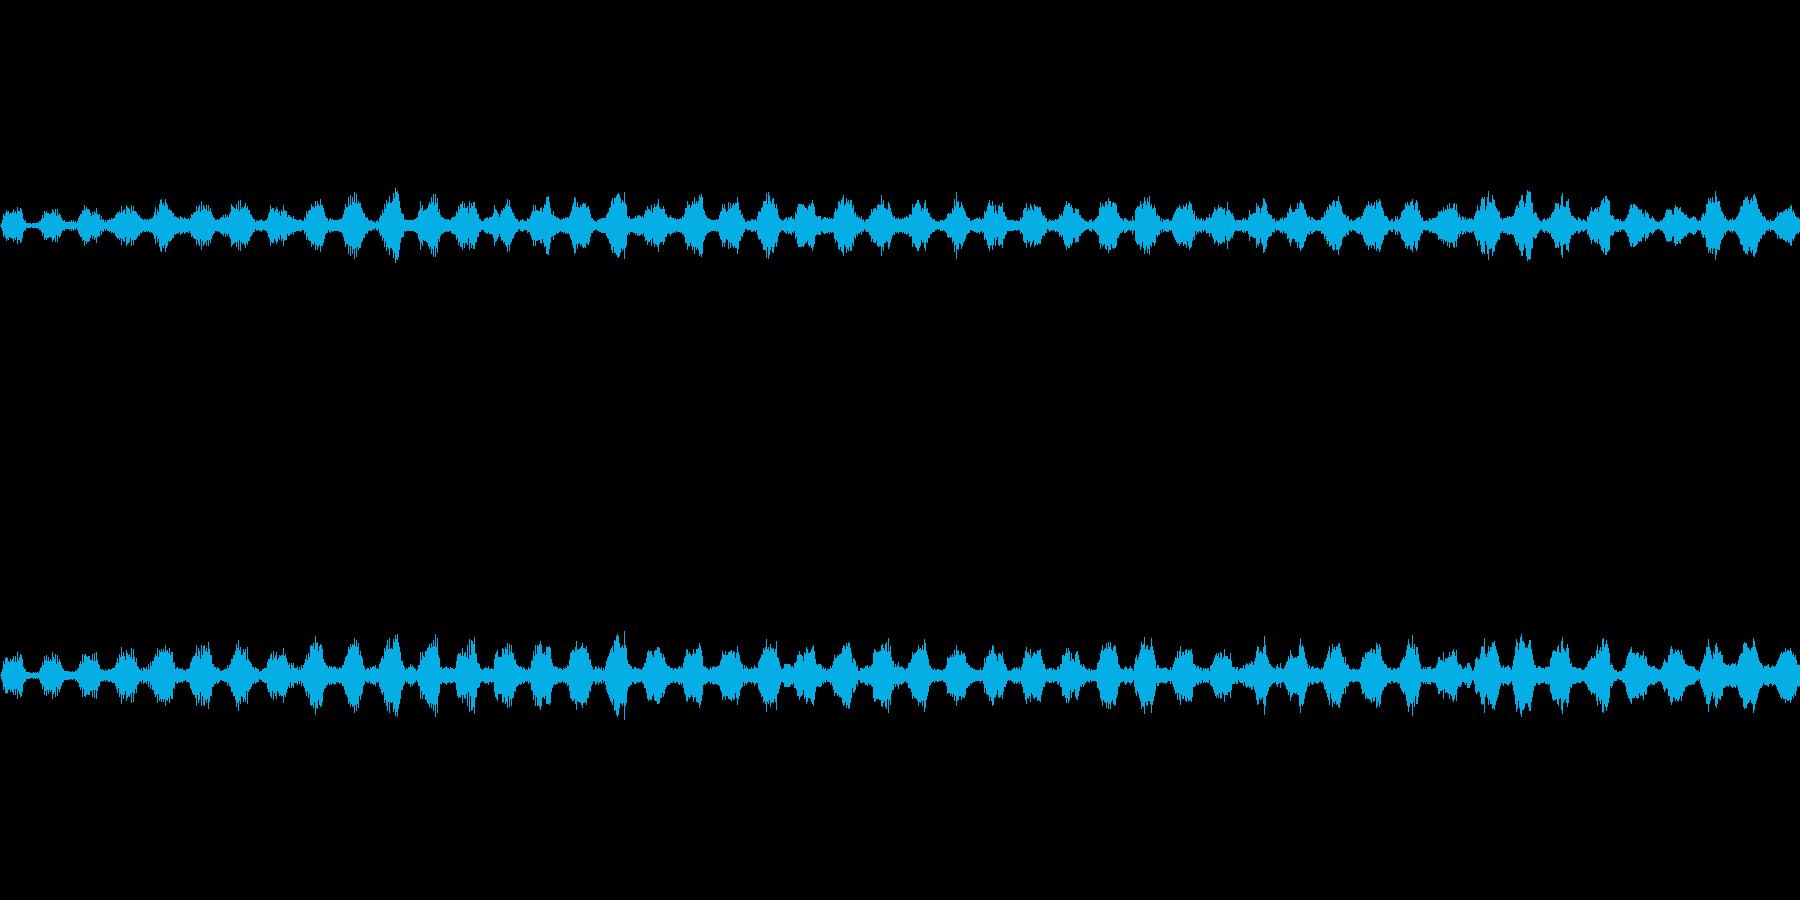 キーンの再生済みの波形